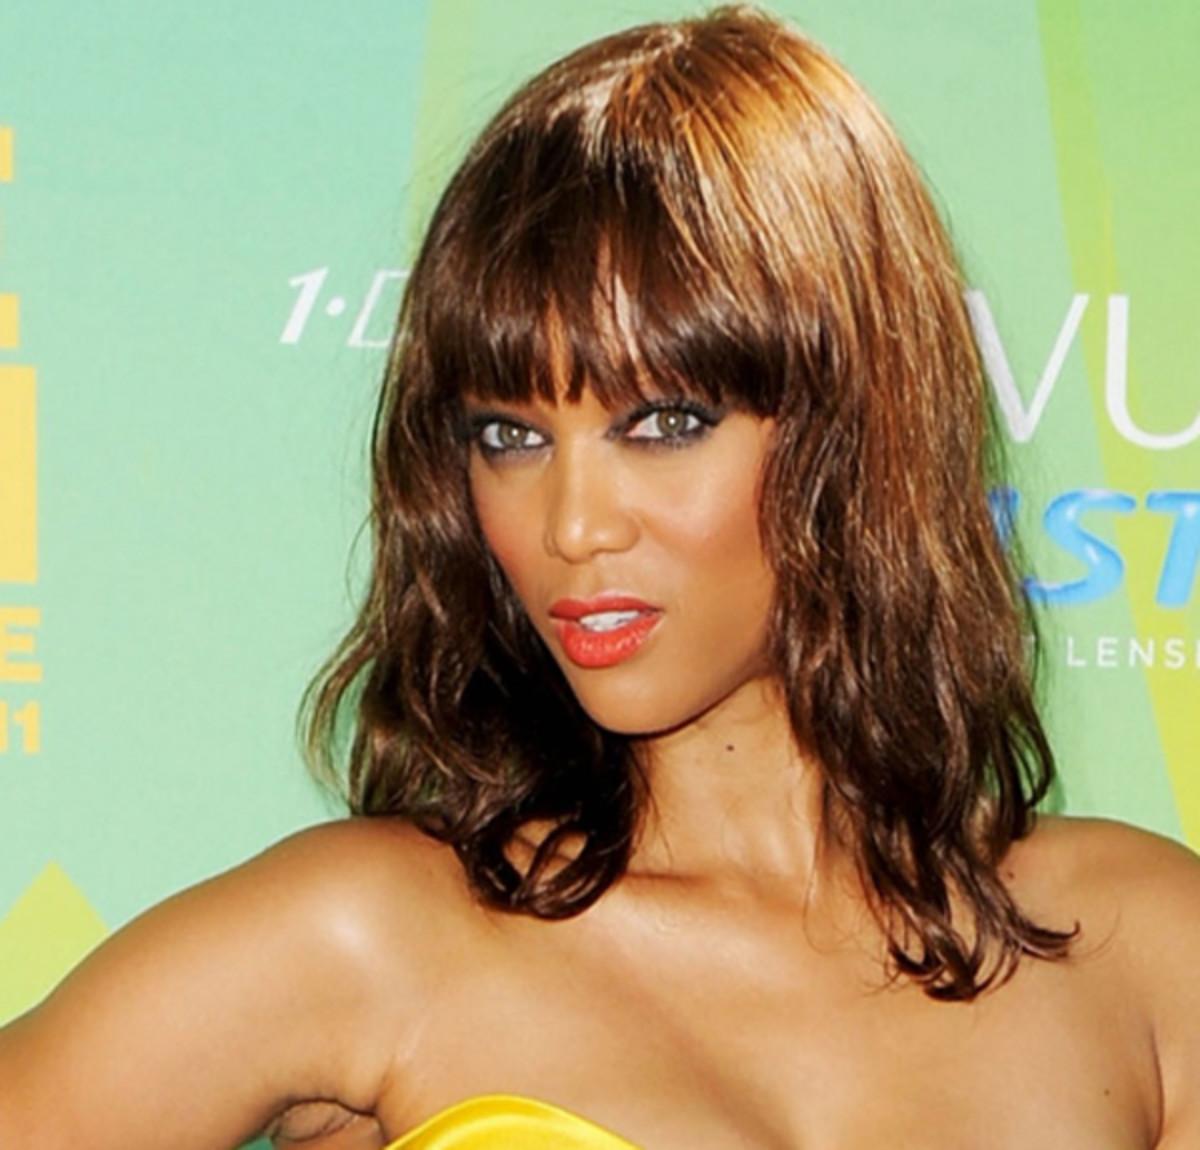 Teen-Choice-Awards-2011-Tyra-Banks